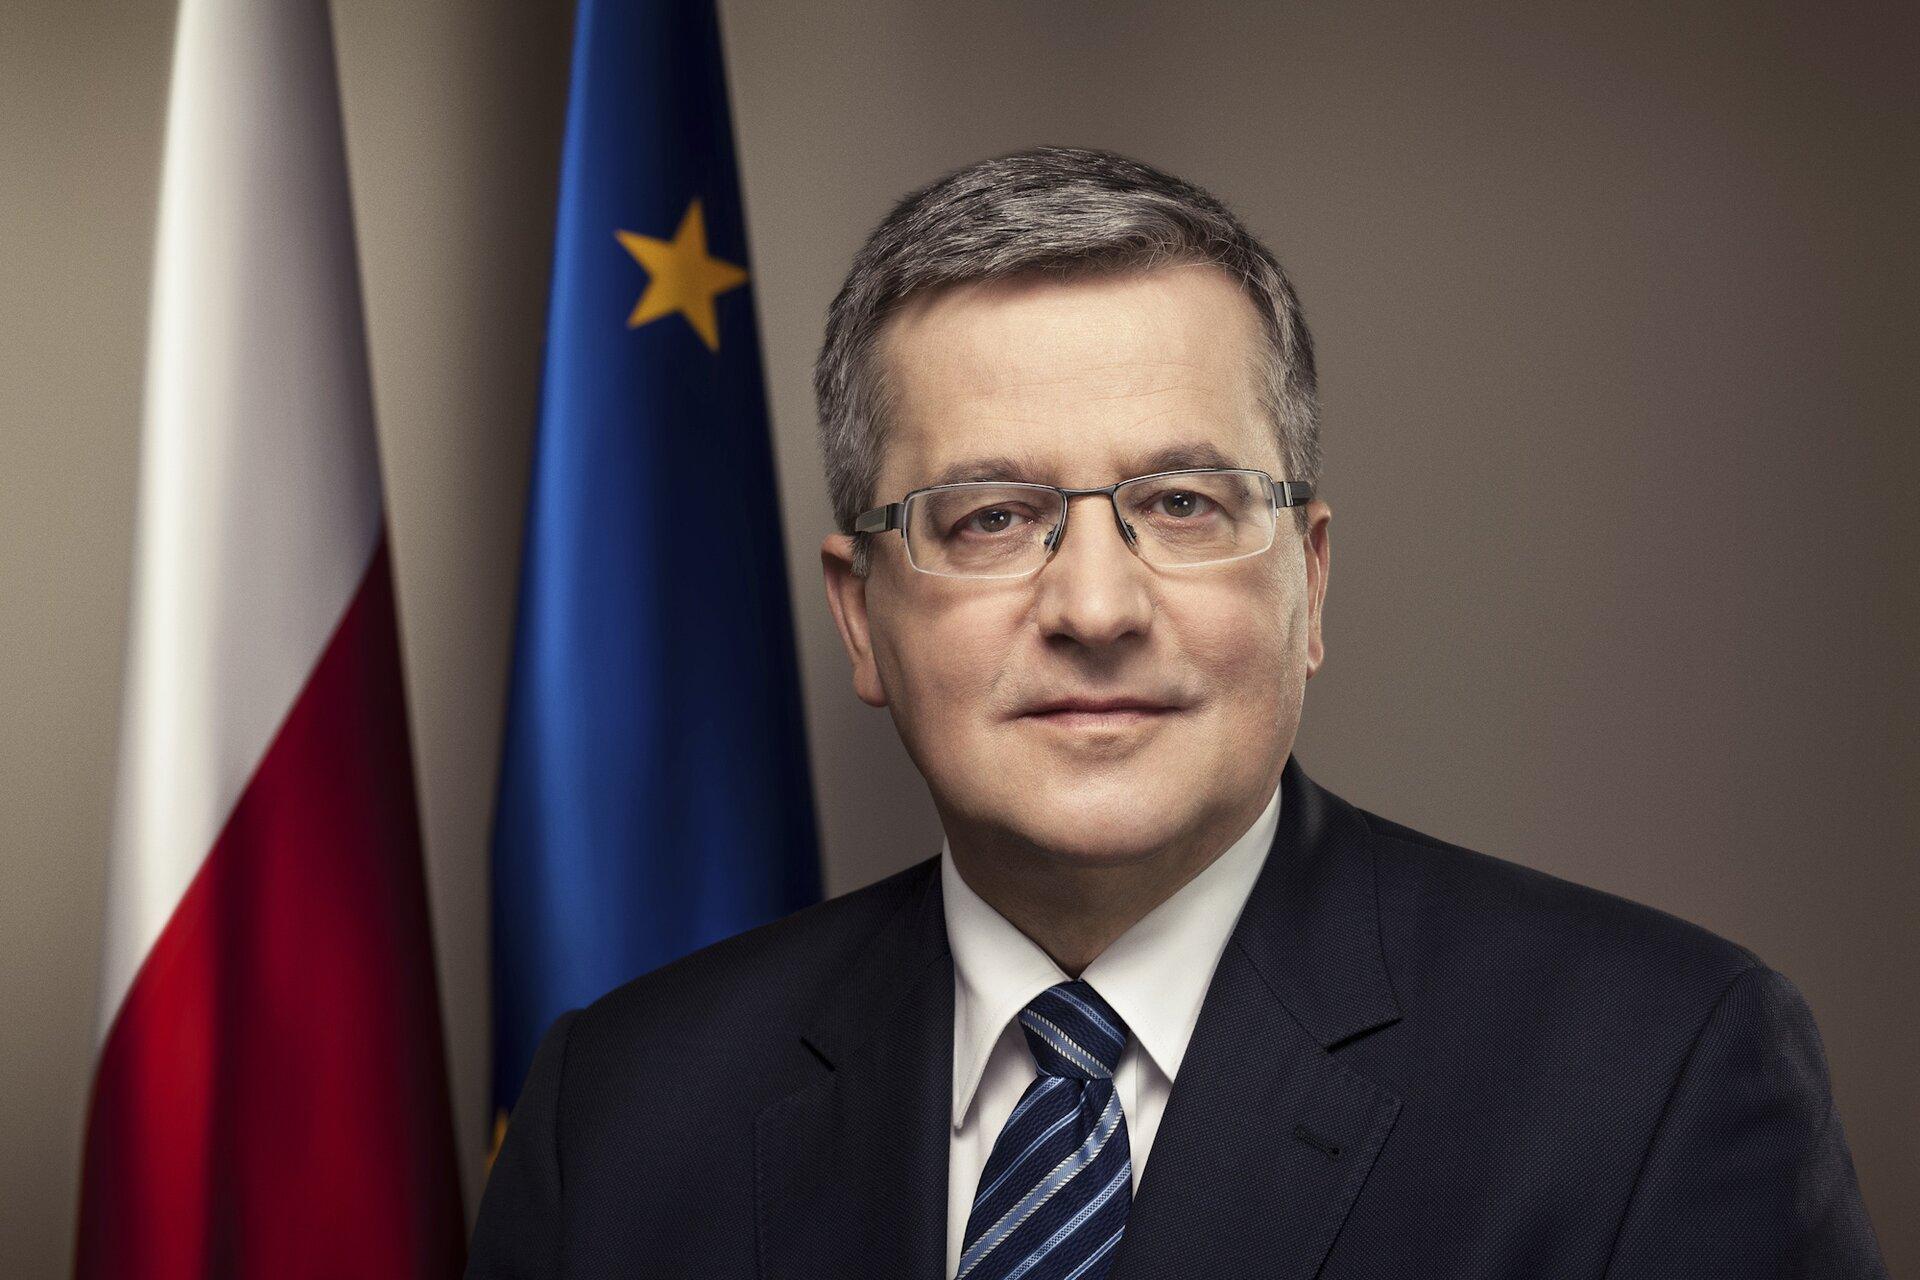 Bronisław Komorowski, prezydent RP wlatach 2010-2015 Źródło: Wojciech Grzędziński, Bronisław Komorowski, prezydent RP wlatach 2010-2015, licencja: CC BY-SA 3.0.